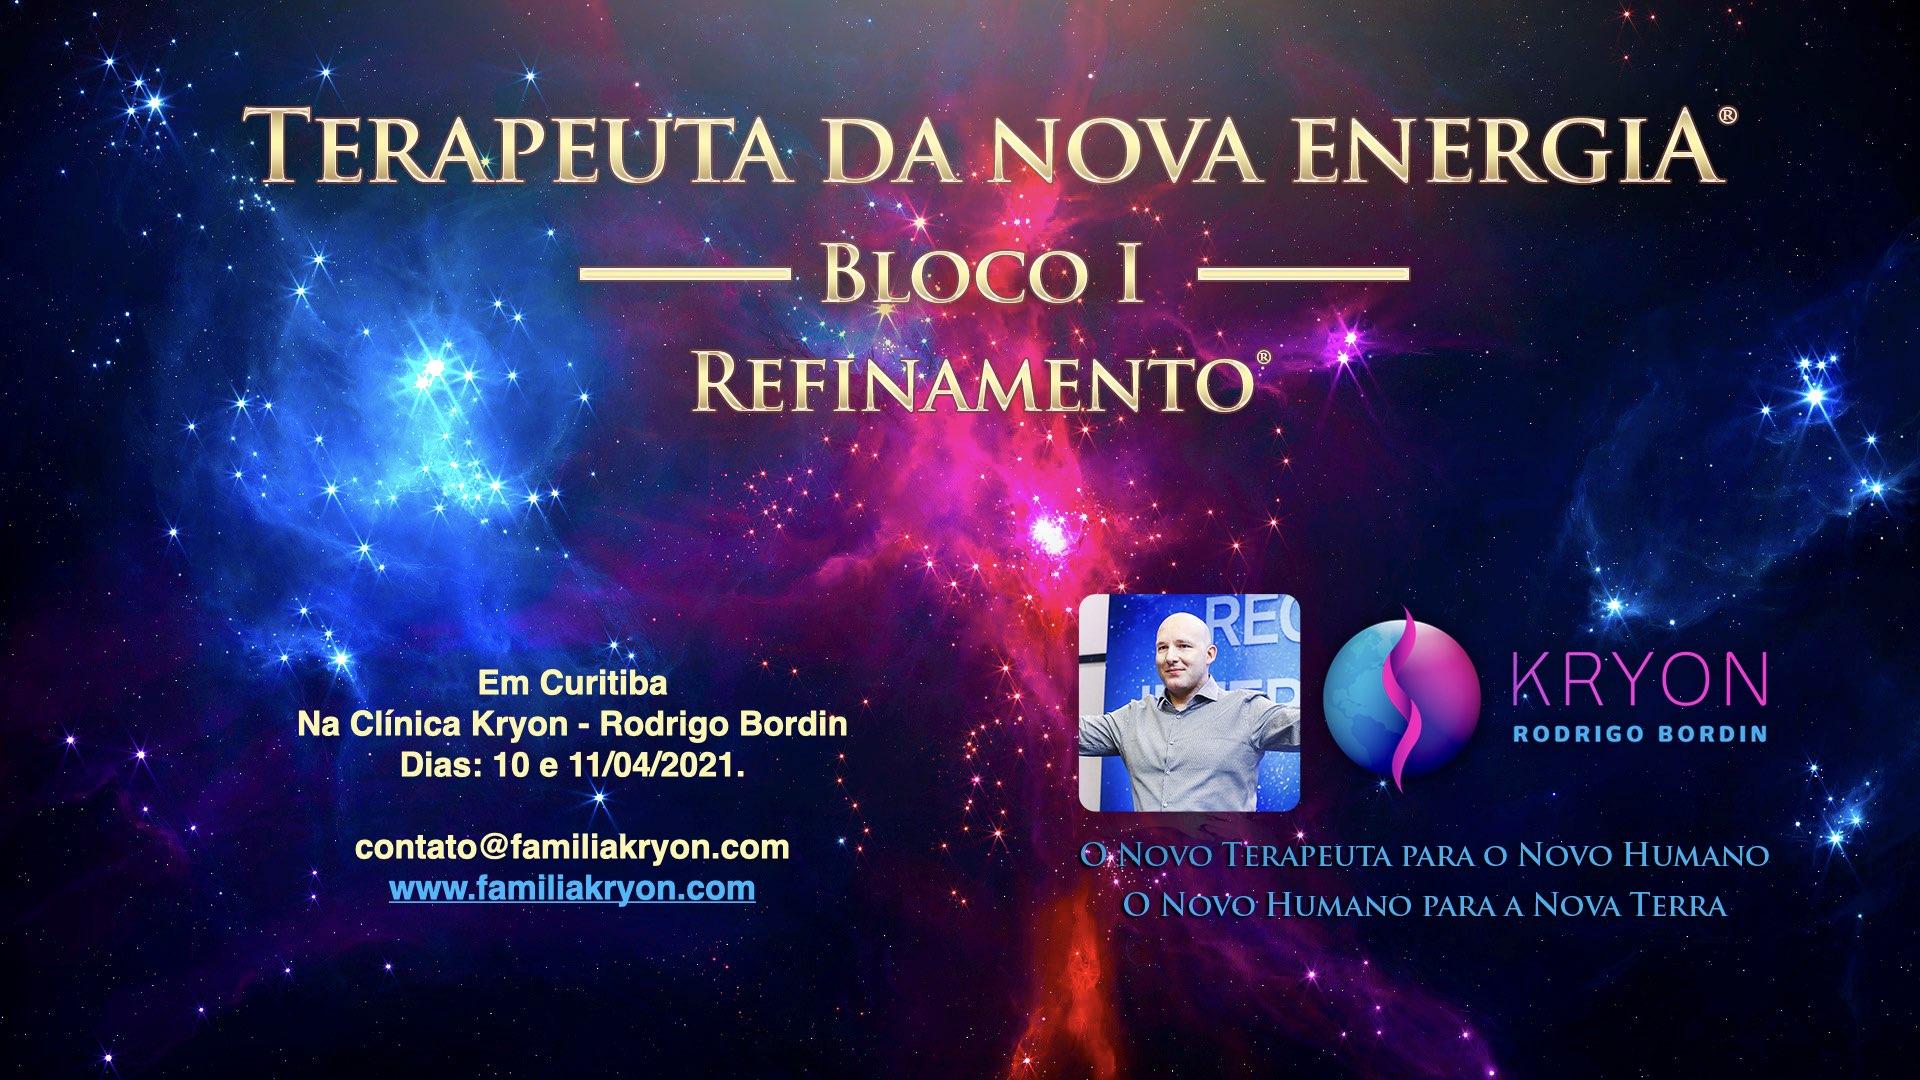 Terapeuta da Nova Energia - Bloco I - Refinamento